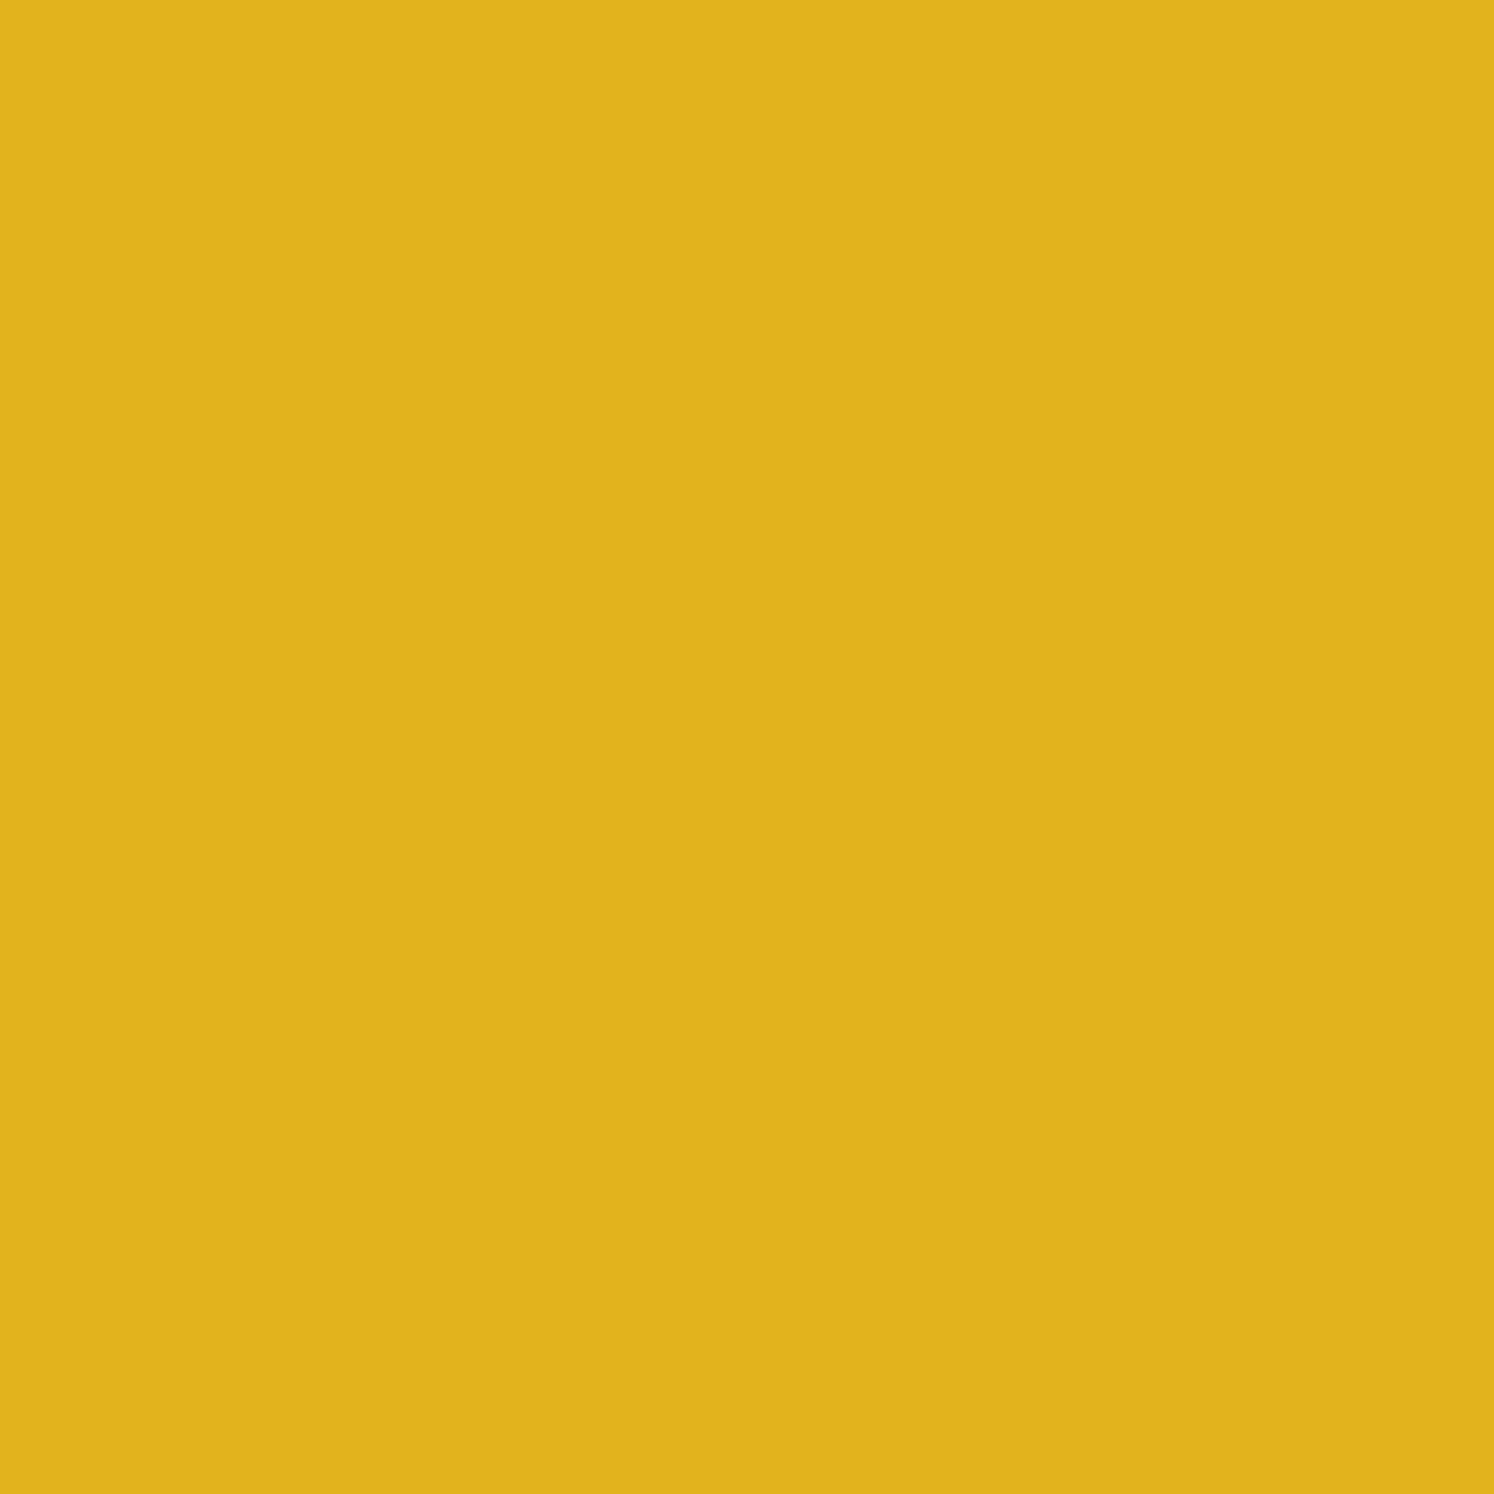 cercle-estimer